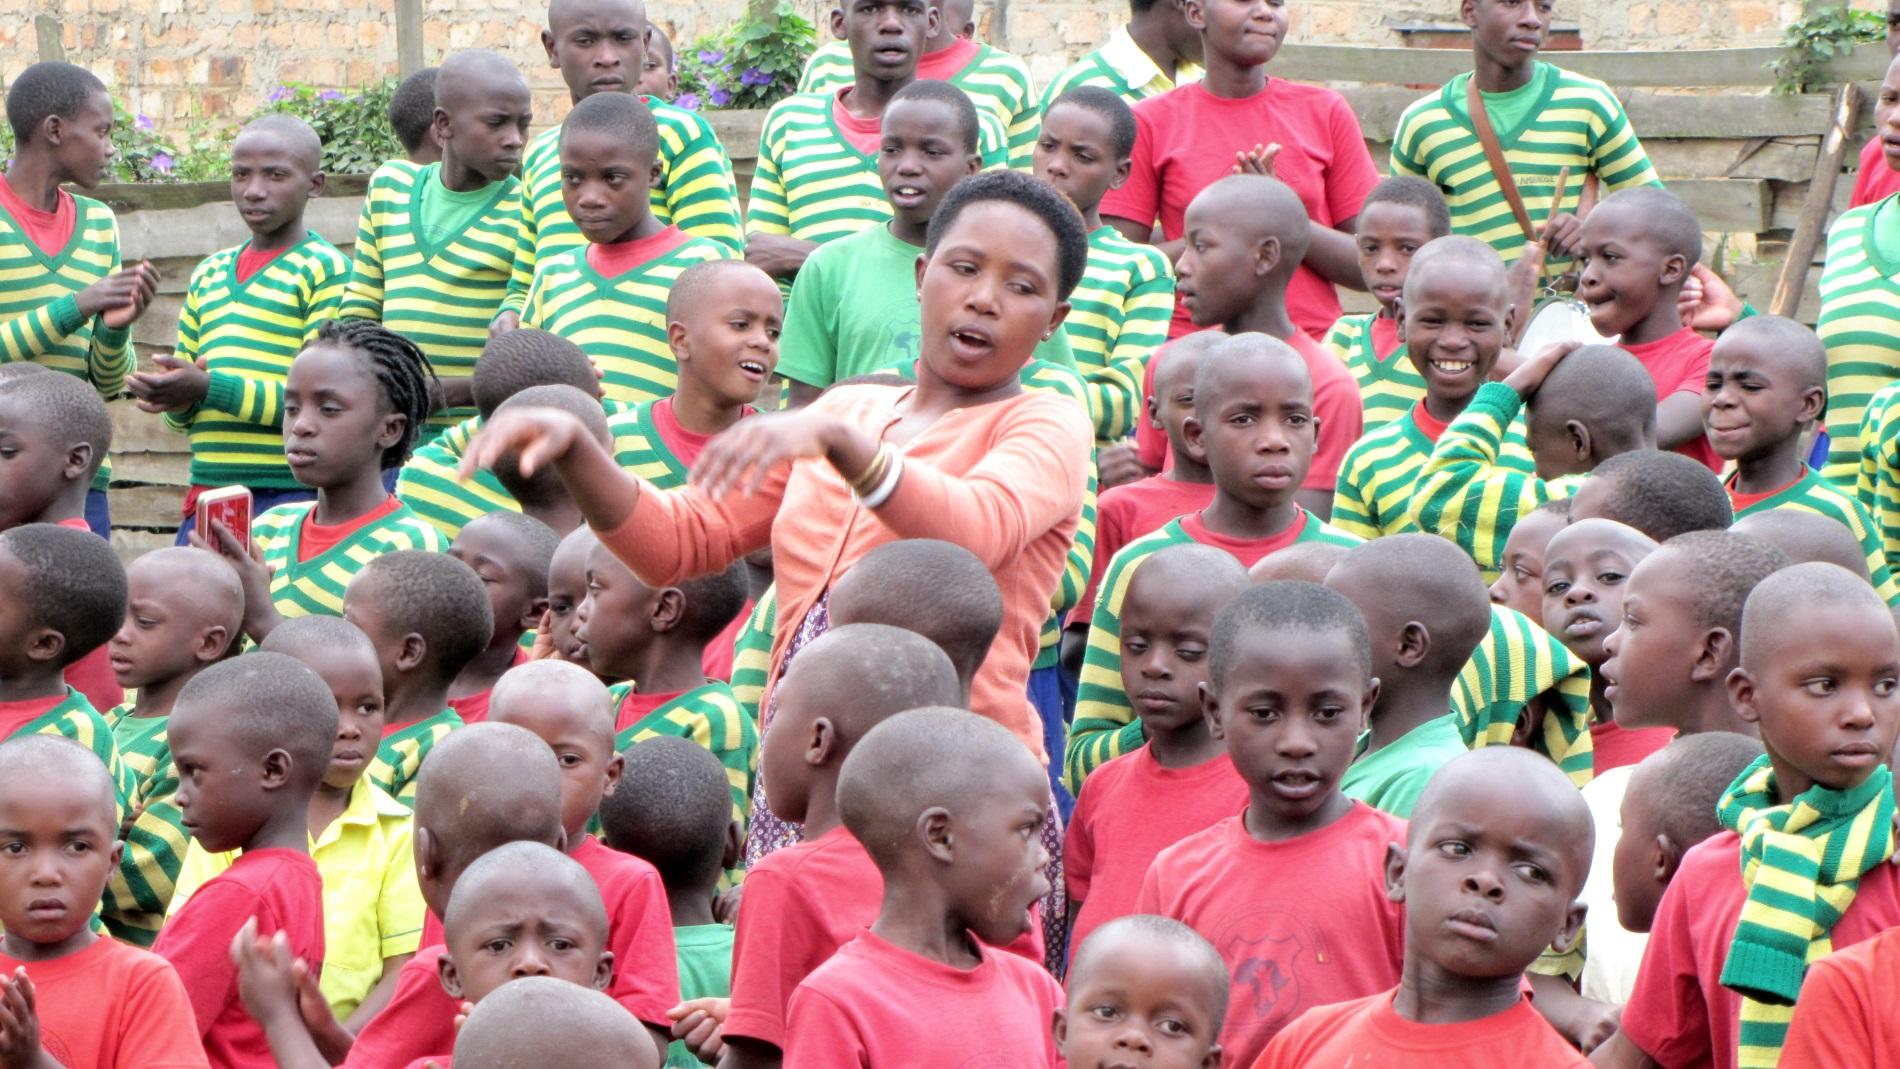 bilete uganda siste del av tur 038.JPG